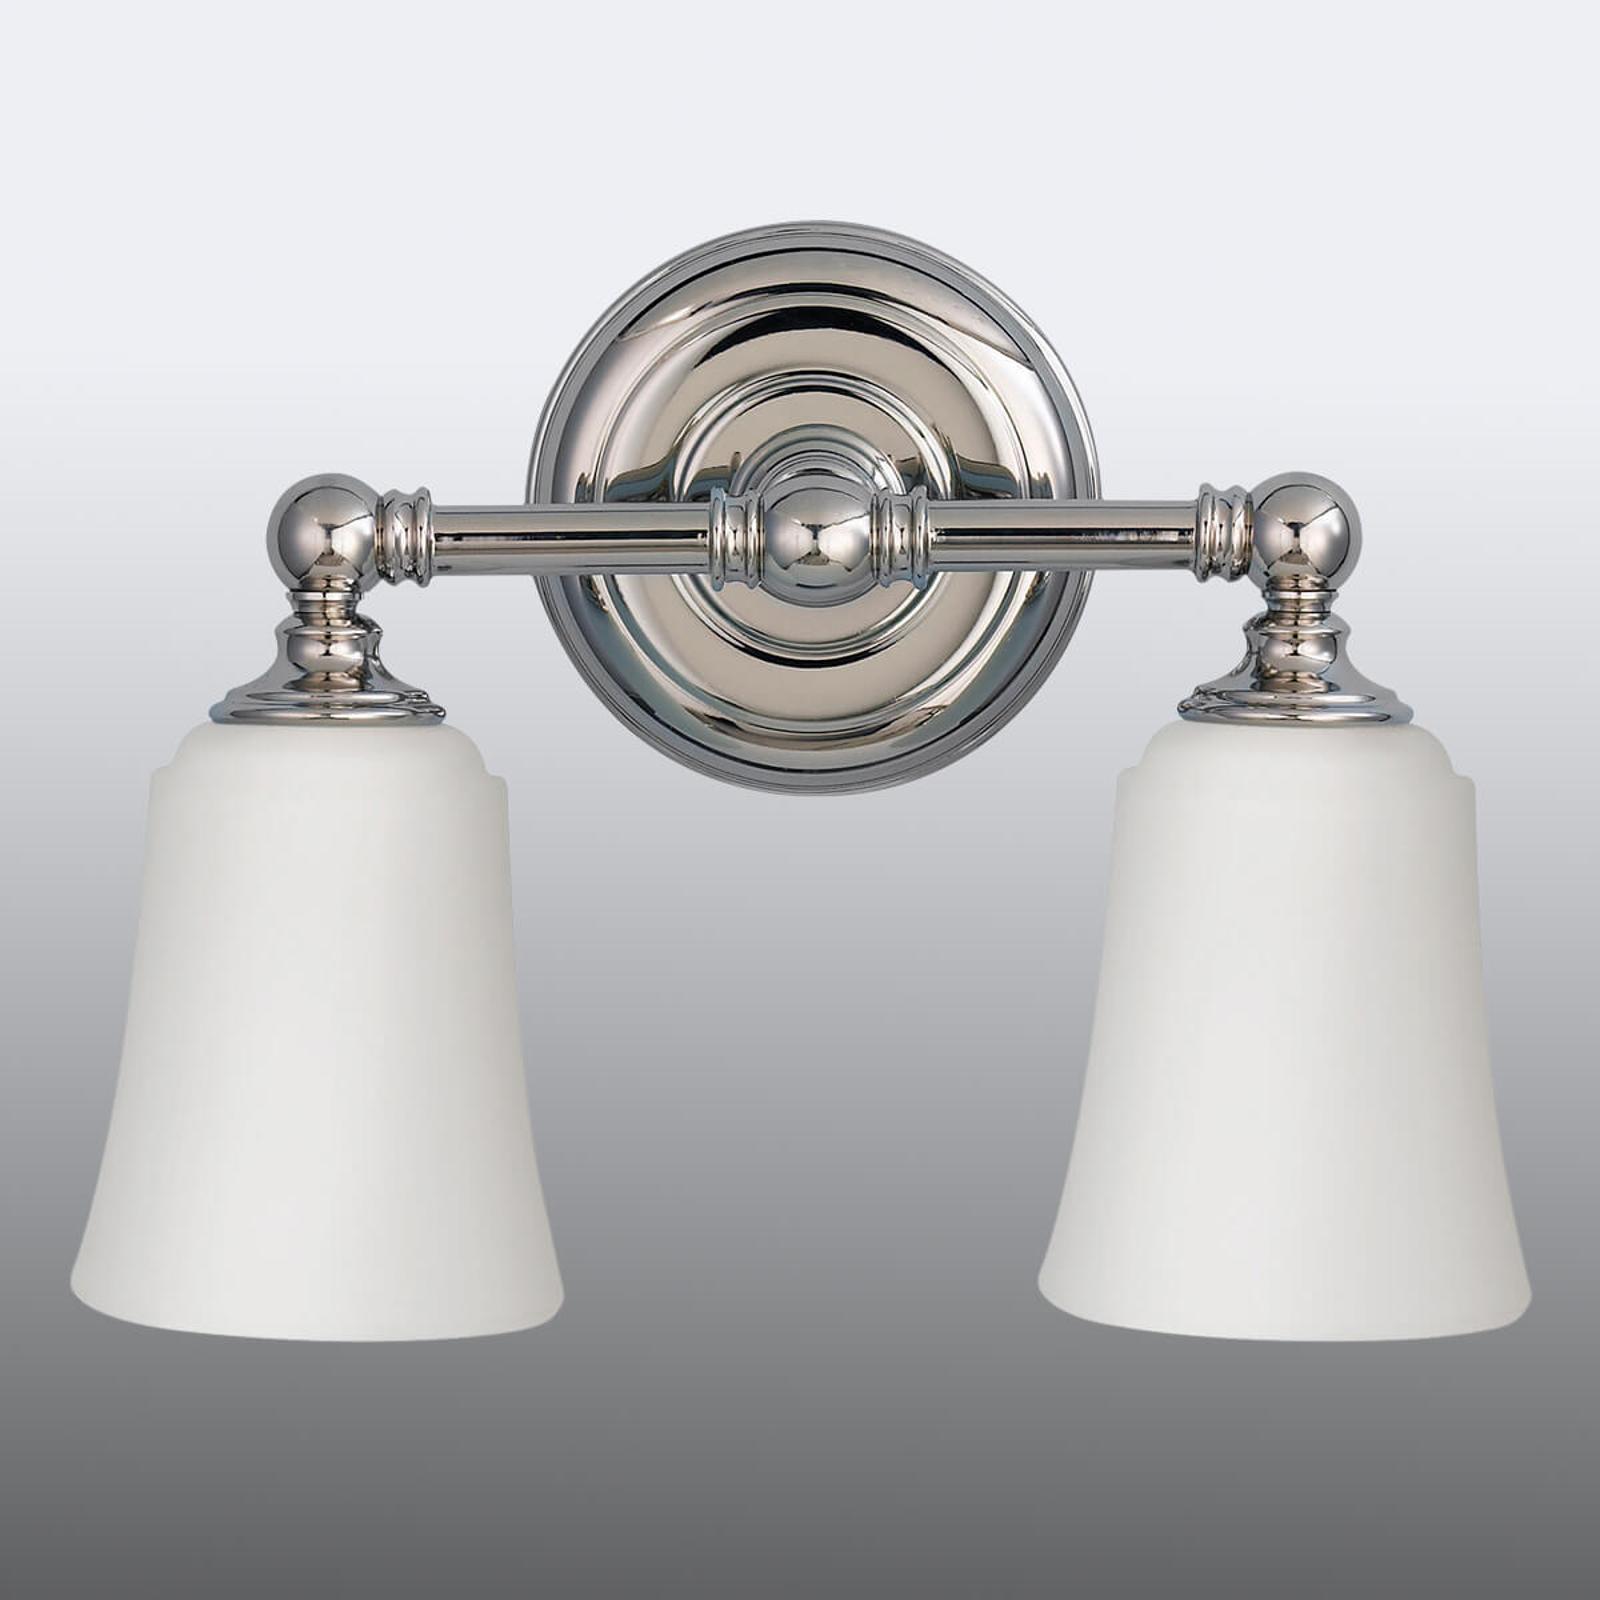 Badkamer wandlamp Huguenot Lake, met twee lampjes